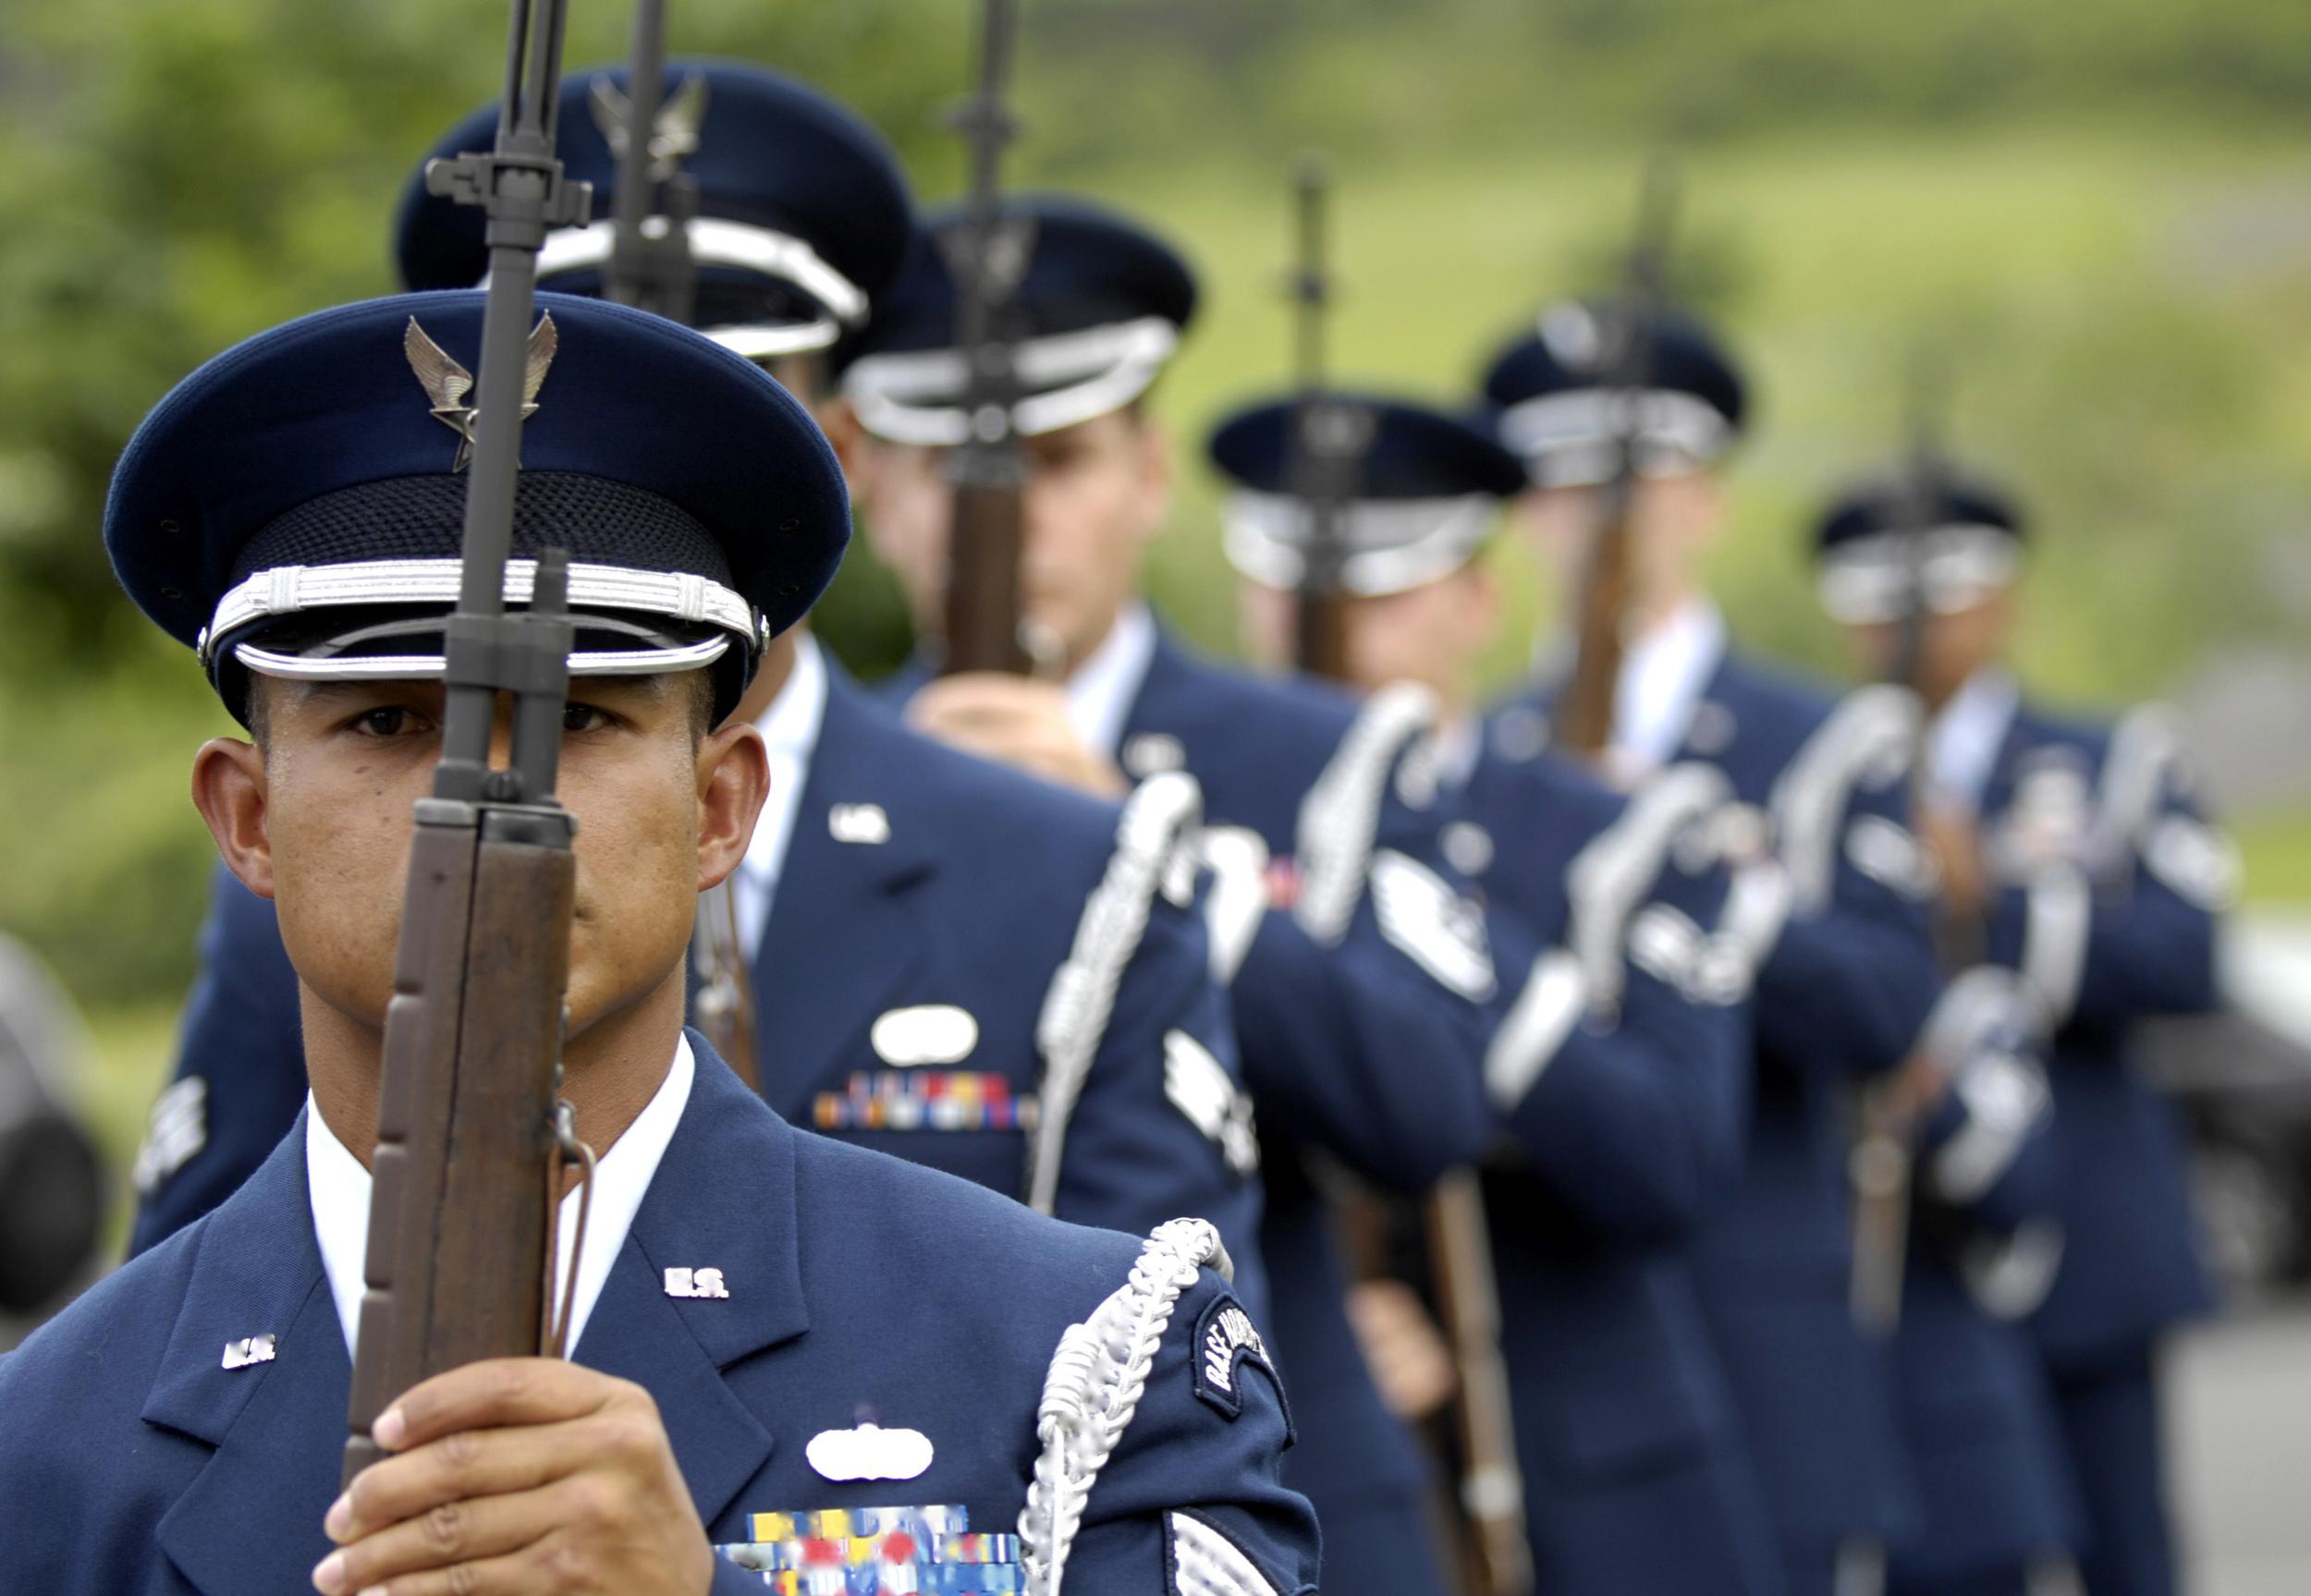 U.S. Air Force photo by Tech. Stg. Shane A. Cuomo